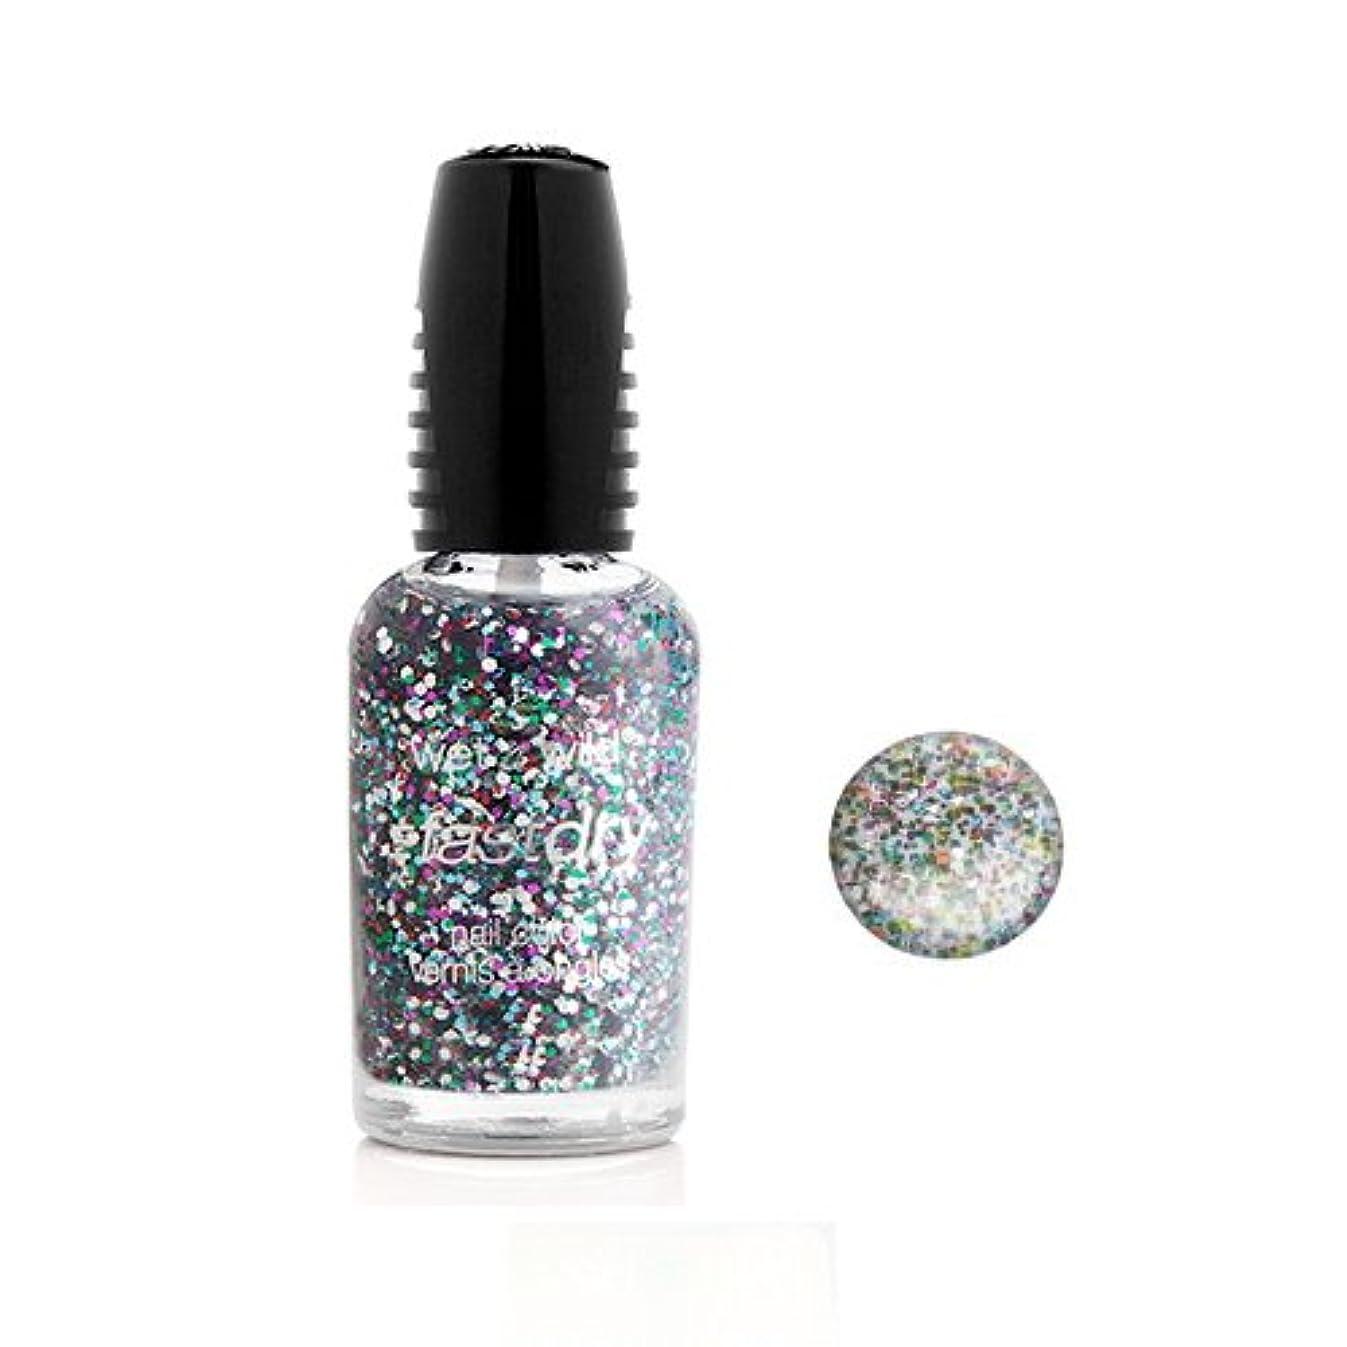 適用する広範囲に飢饉WET N WILD Fastdry Nail Color - Party of Five Glitters (並行輸入品)